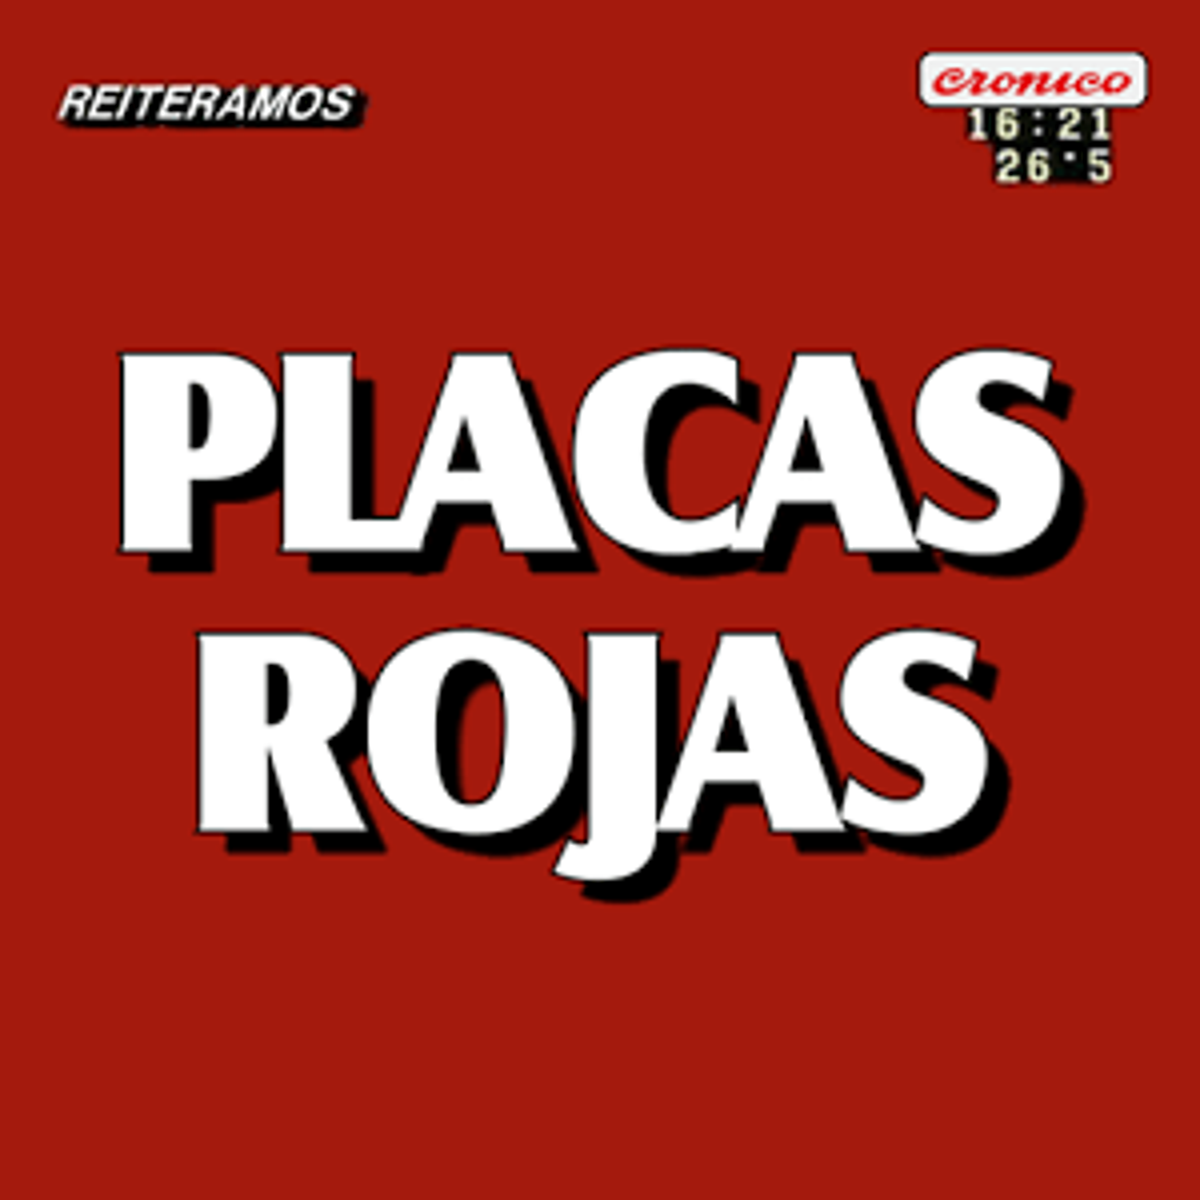 Placas Rojas 2